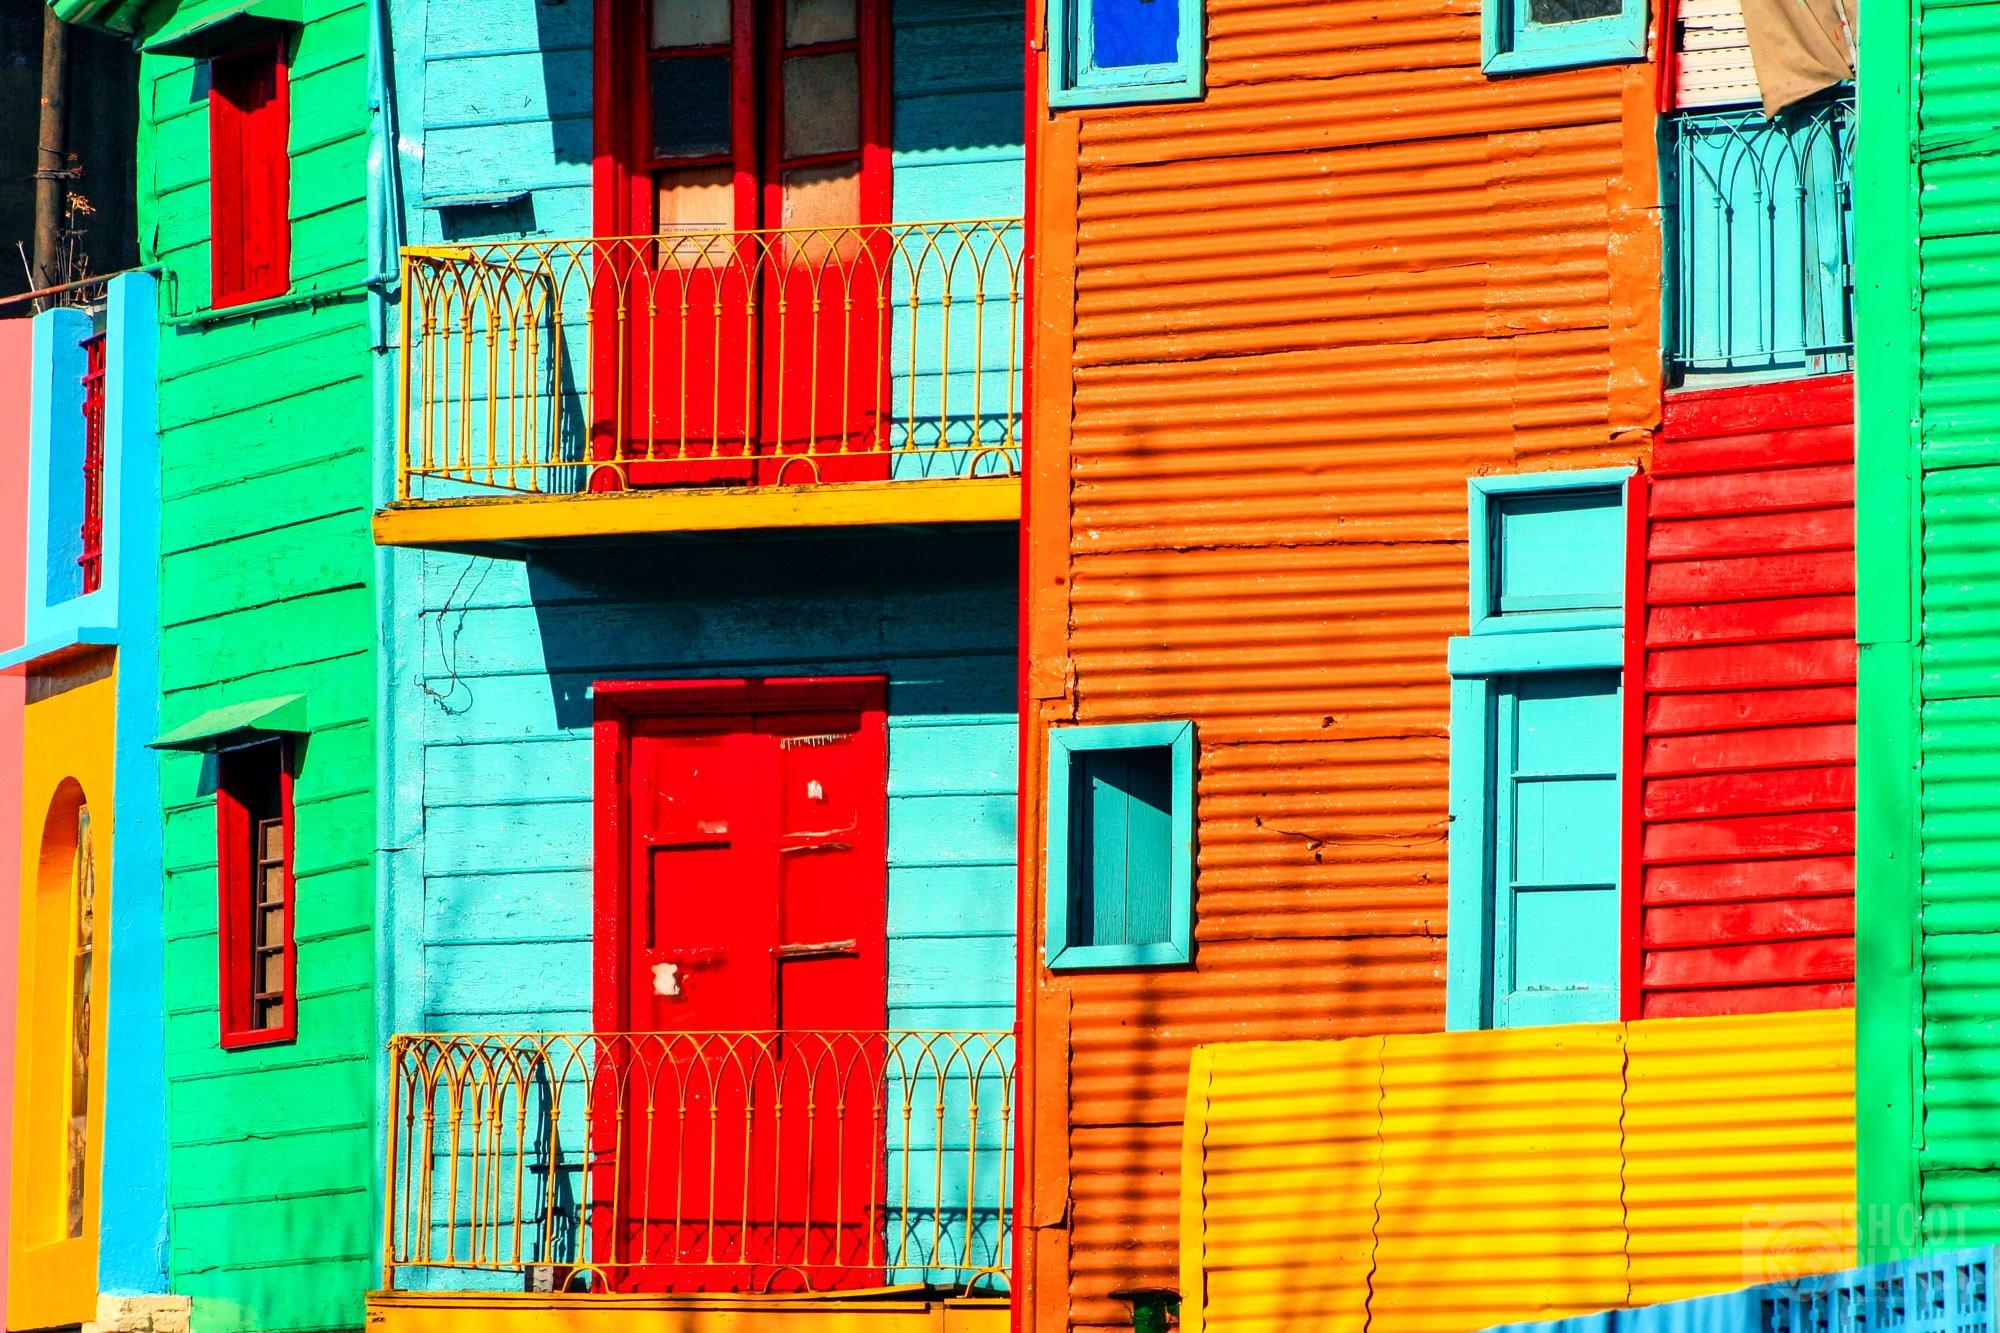 La Boca Caminito facade, Buenos Aires, Argentina